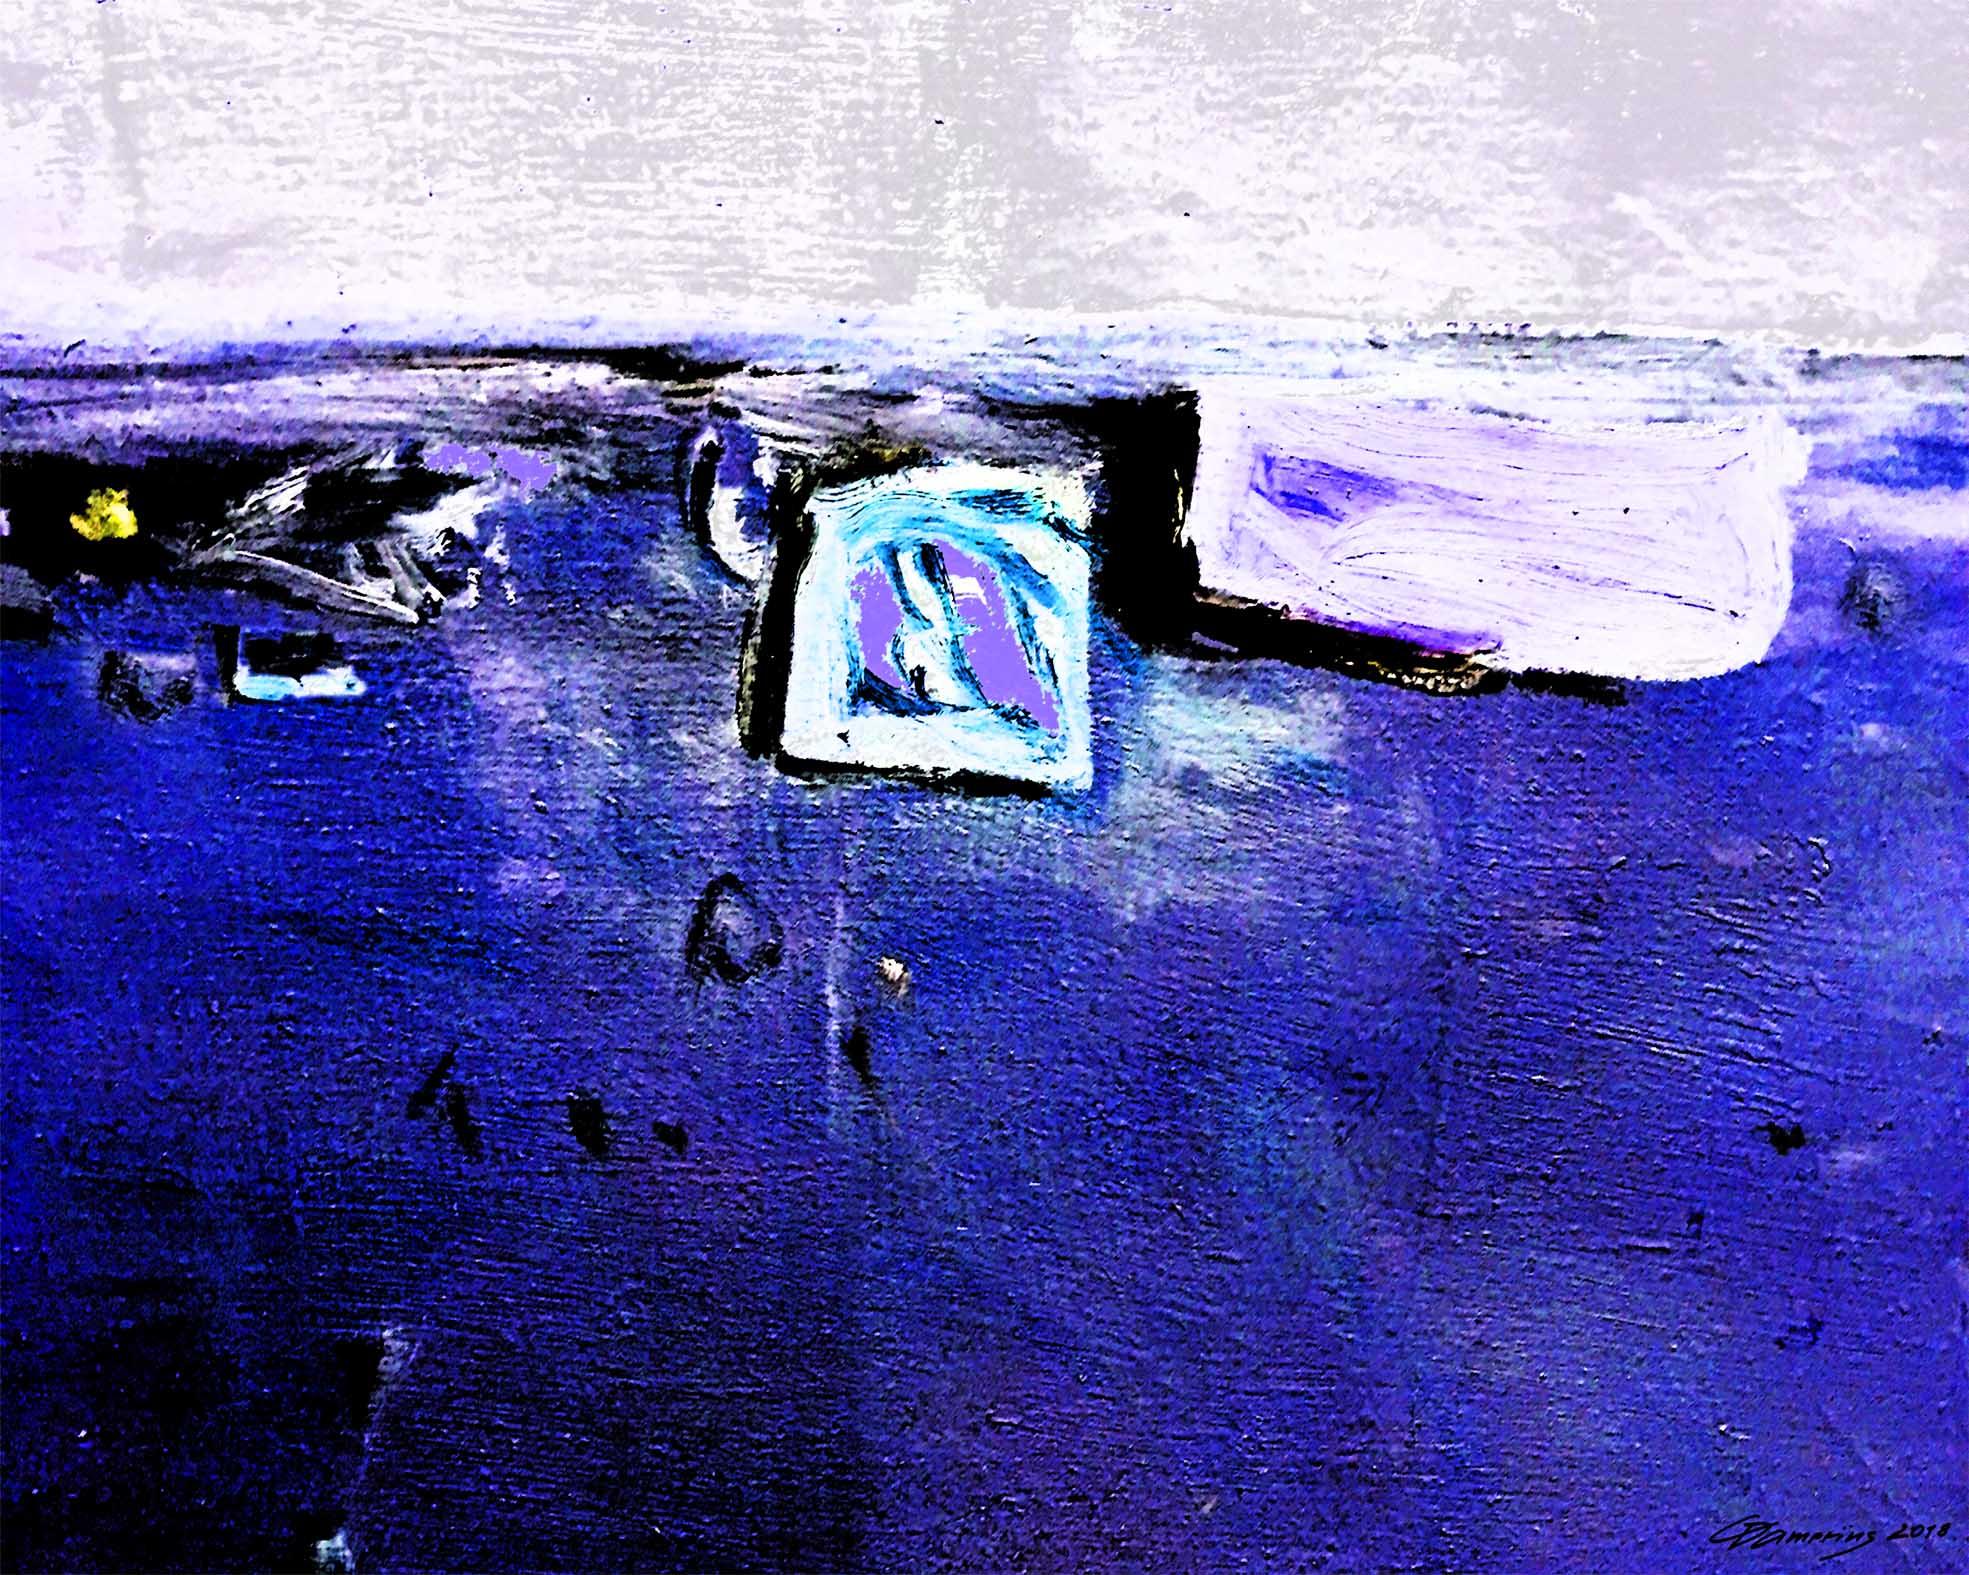 stillleben 10 in blau, moderne stillleben, stillleben kunstdrucke kaufen,